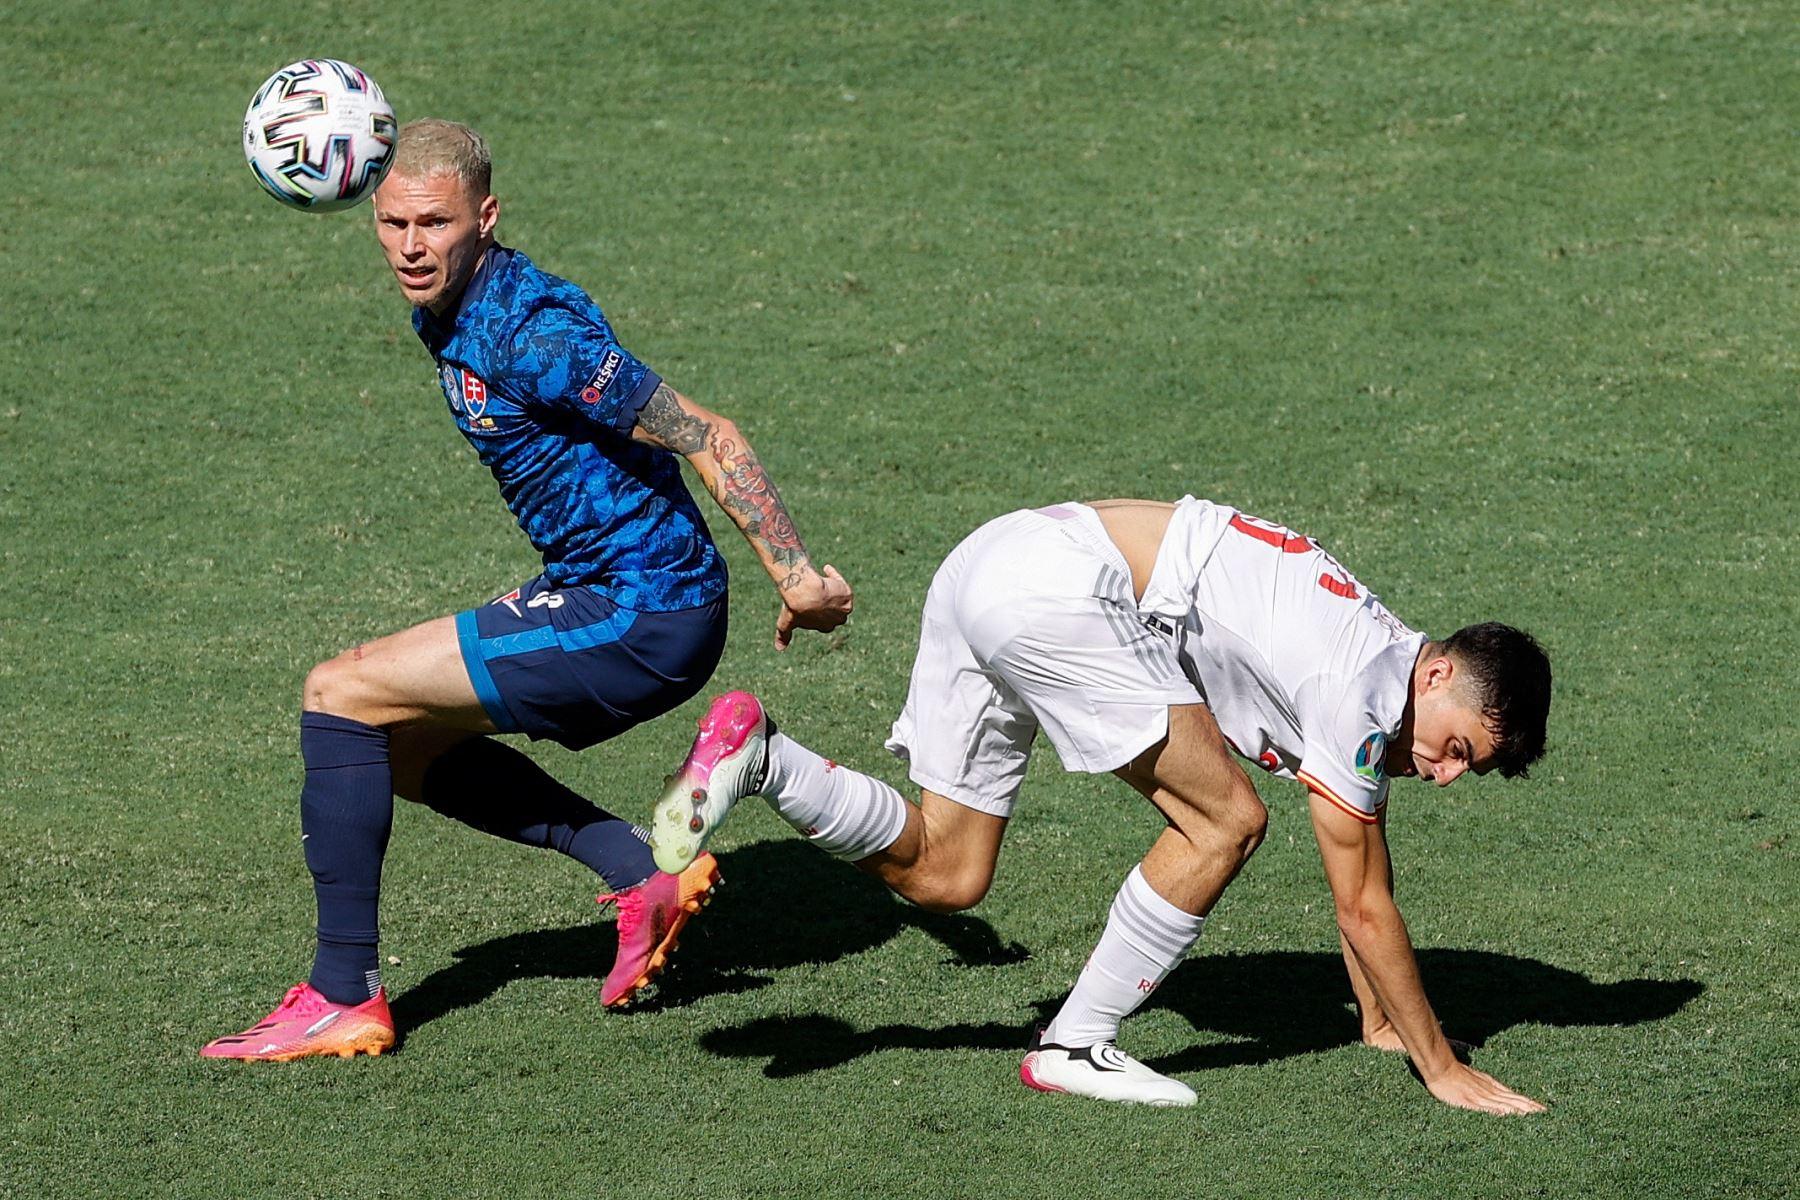 El centrocampista eslovaco Ondrej Duda es desafiado por el defensor español Eric García durante el partido por el Grupo E de la UEFA EURO 2020, en Sevilla. Foto: AFP